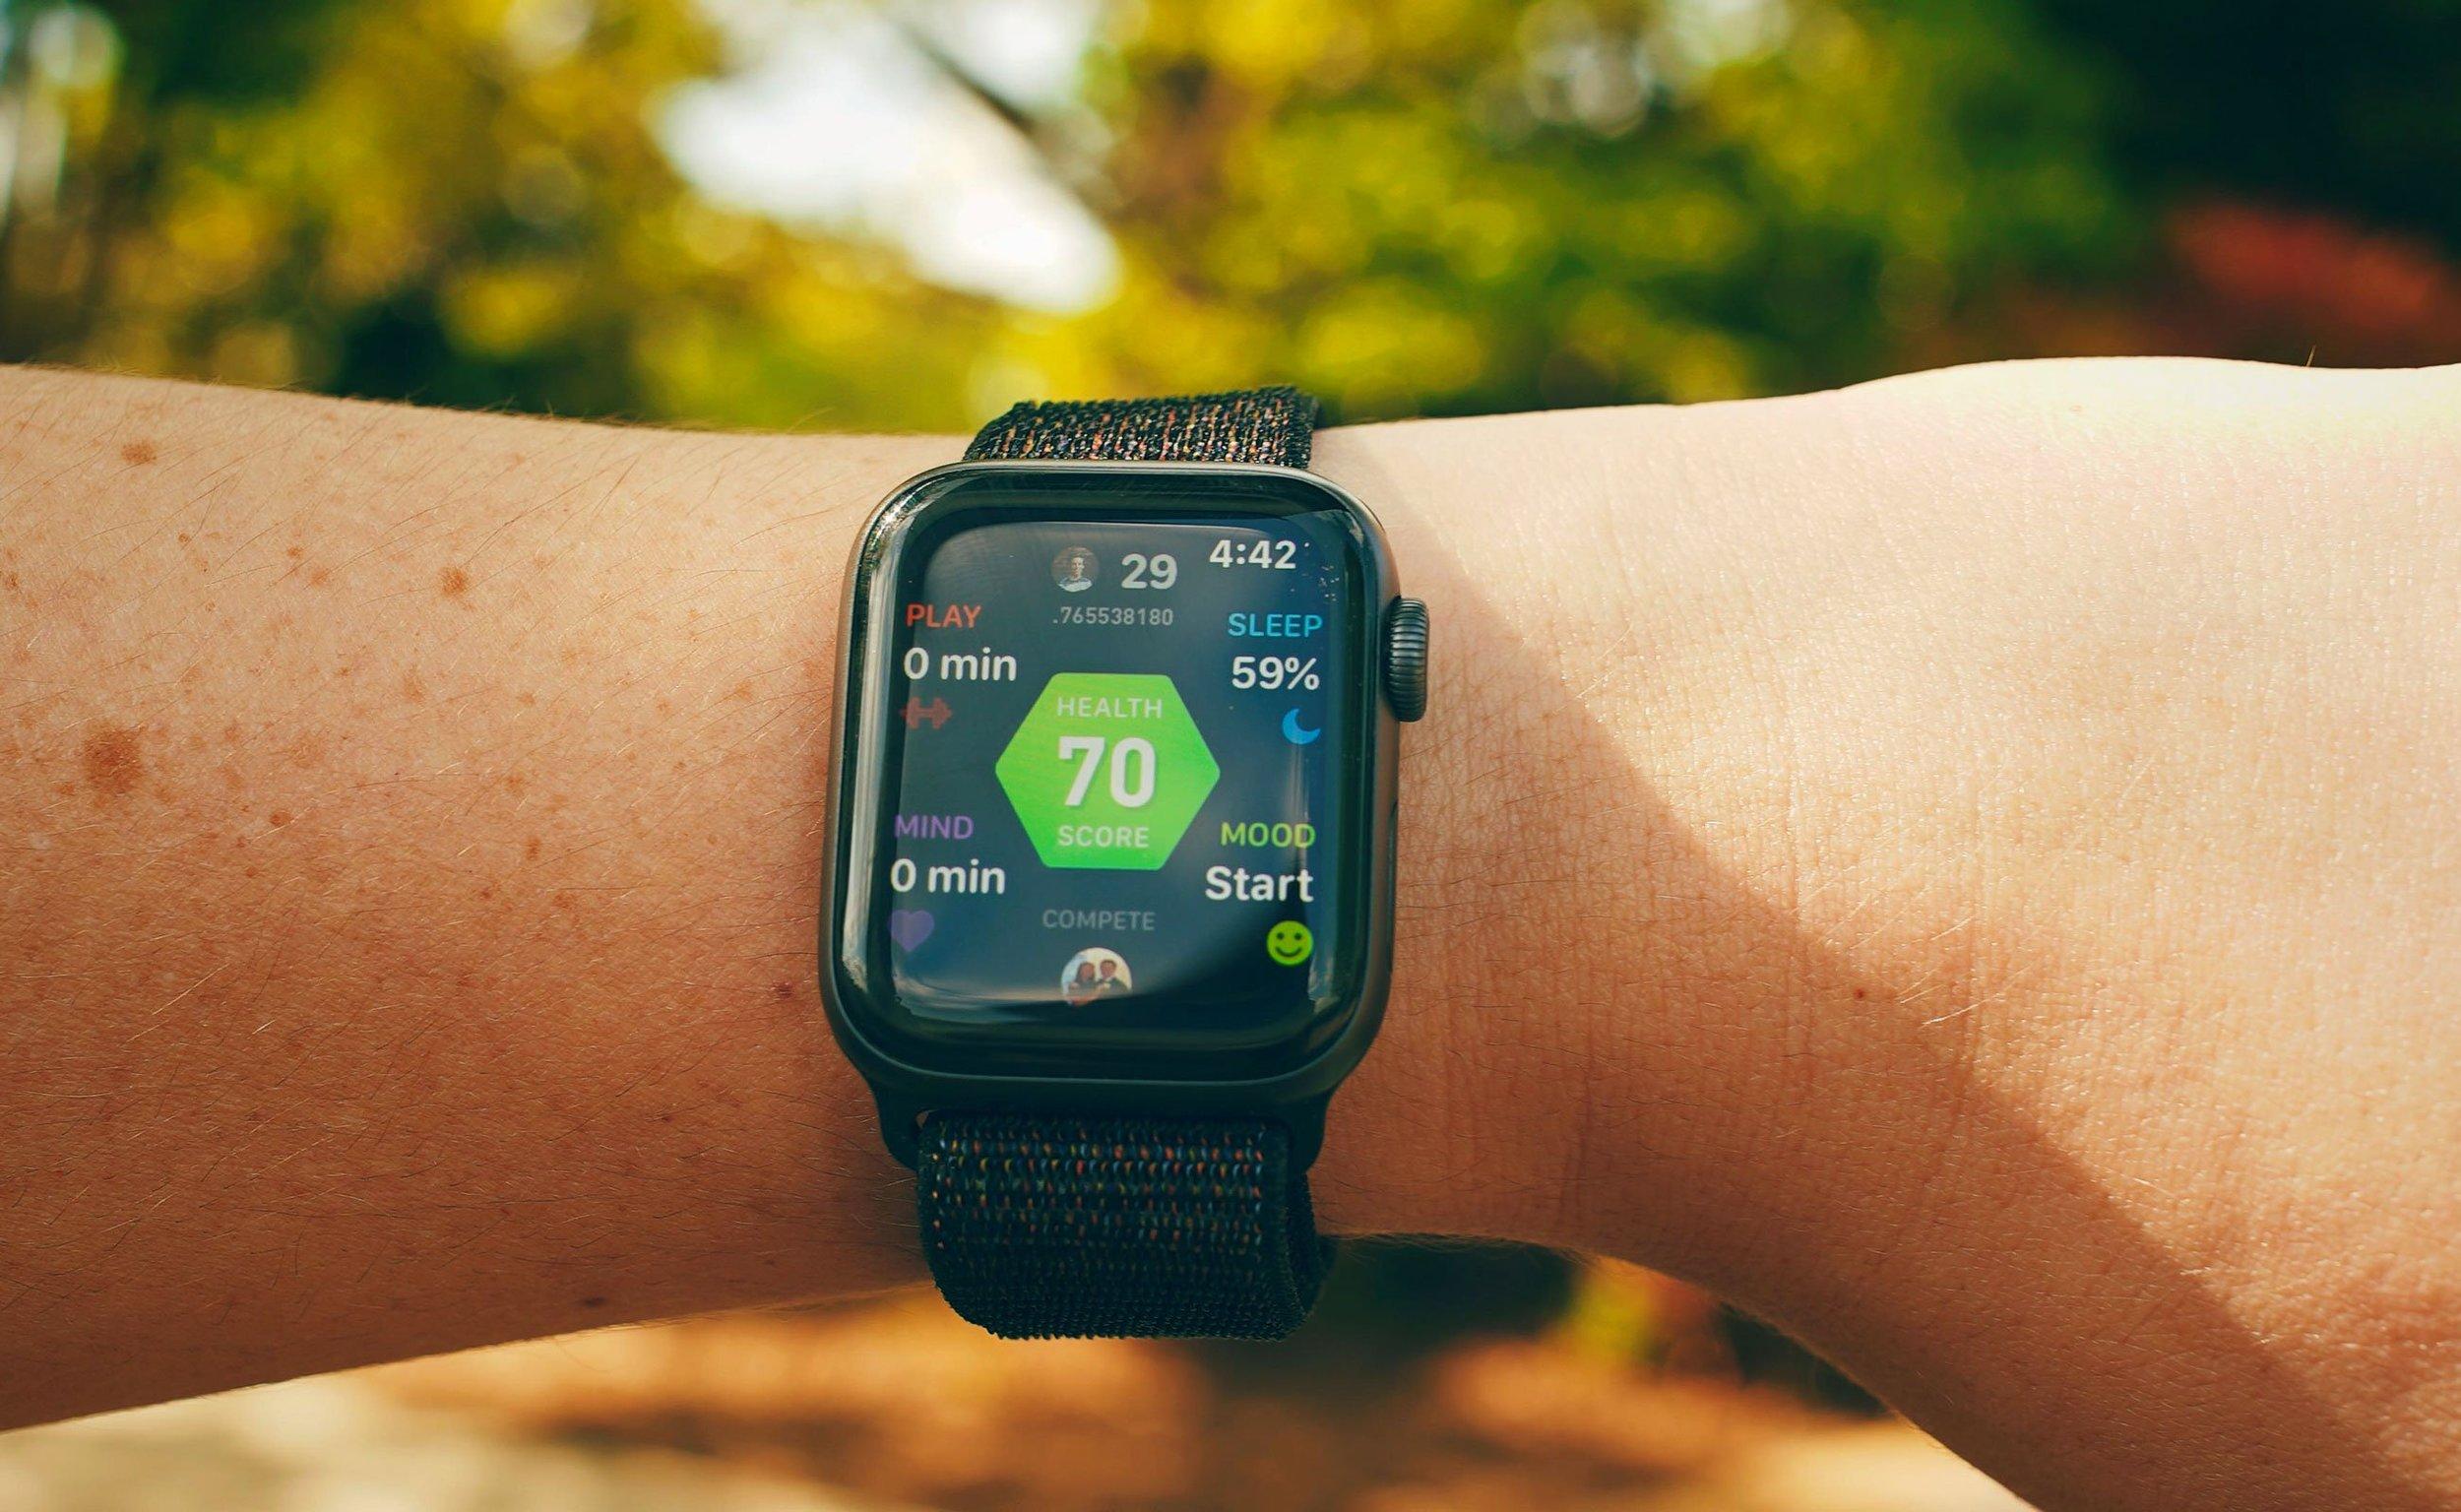 gyroscope watch.jpg